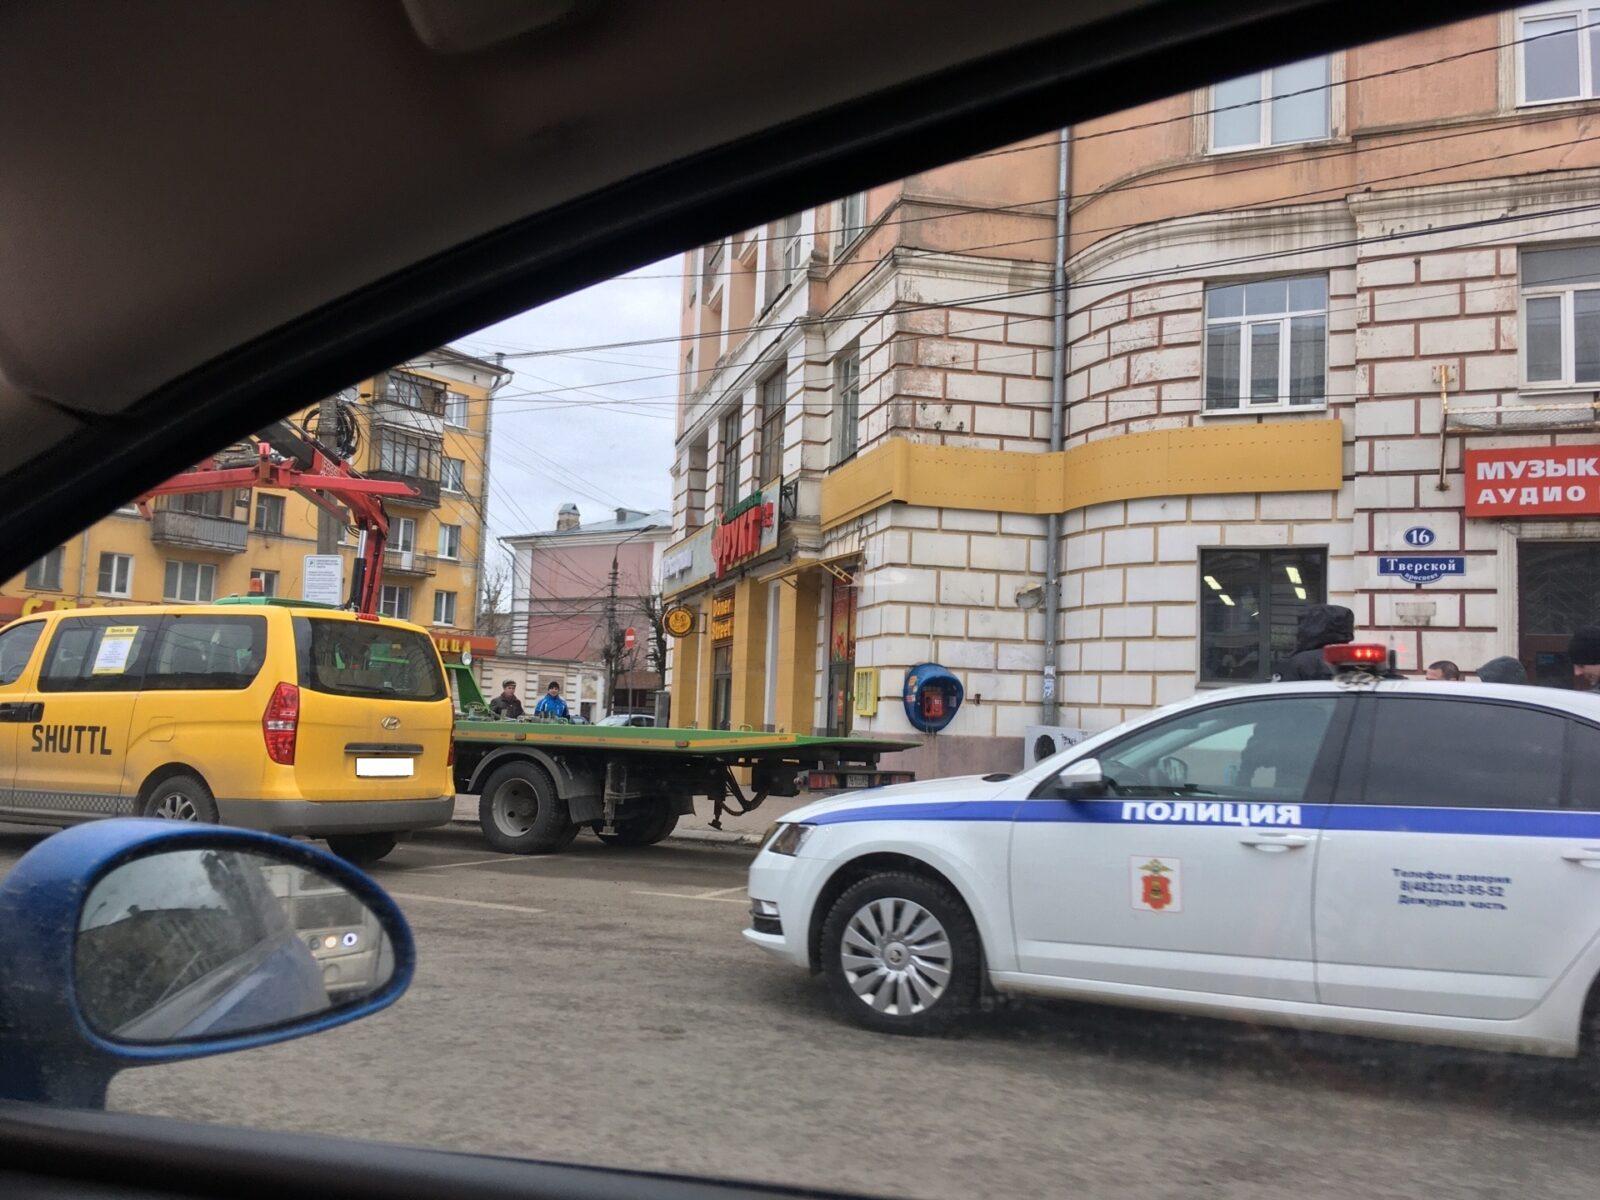 В Твери эвакуировали новые «Шаттлы»